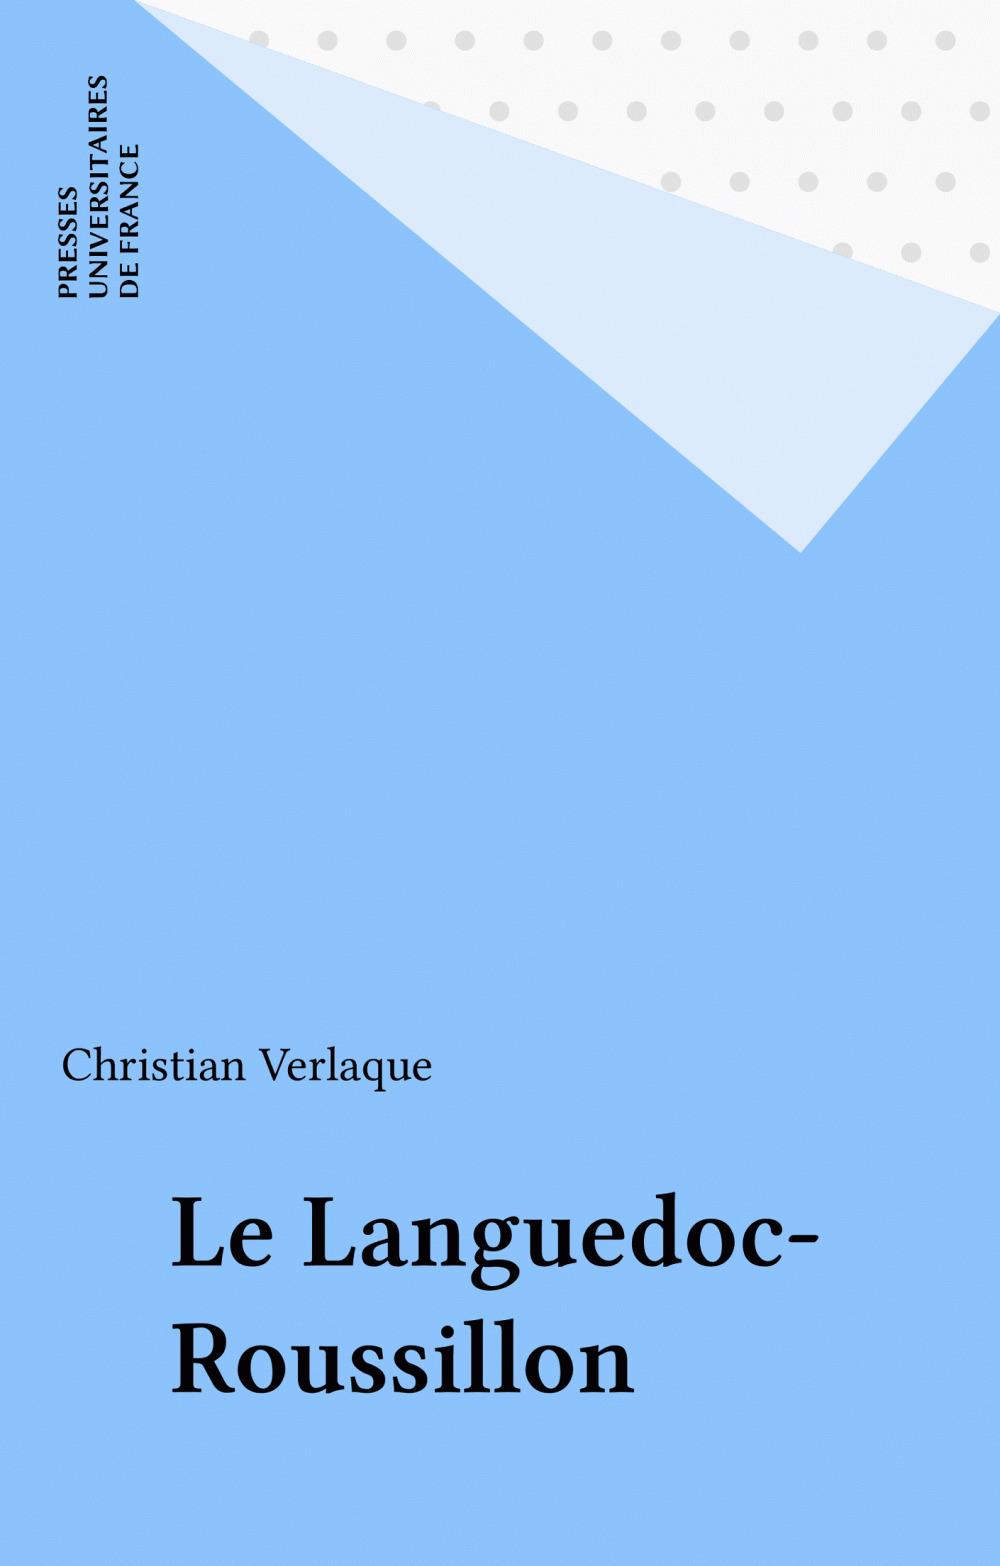 Christian Verlaque Le Languedoc-Roussillon